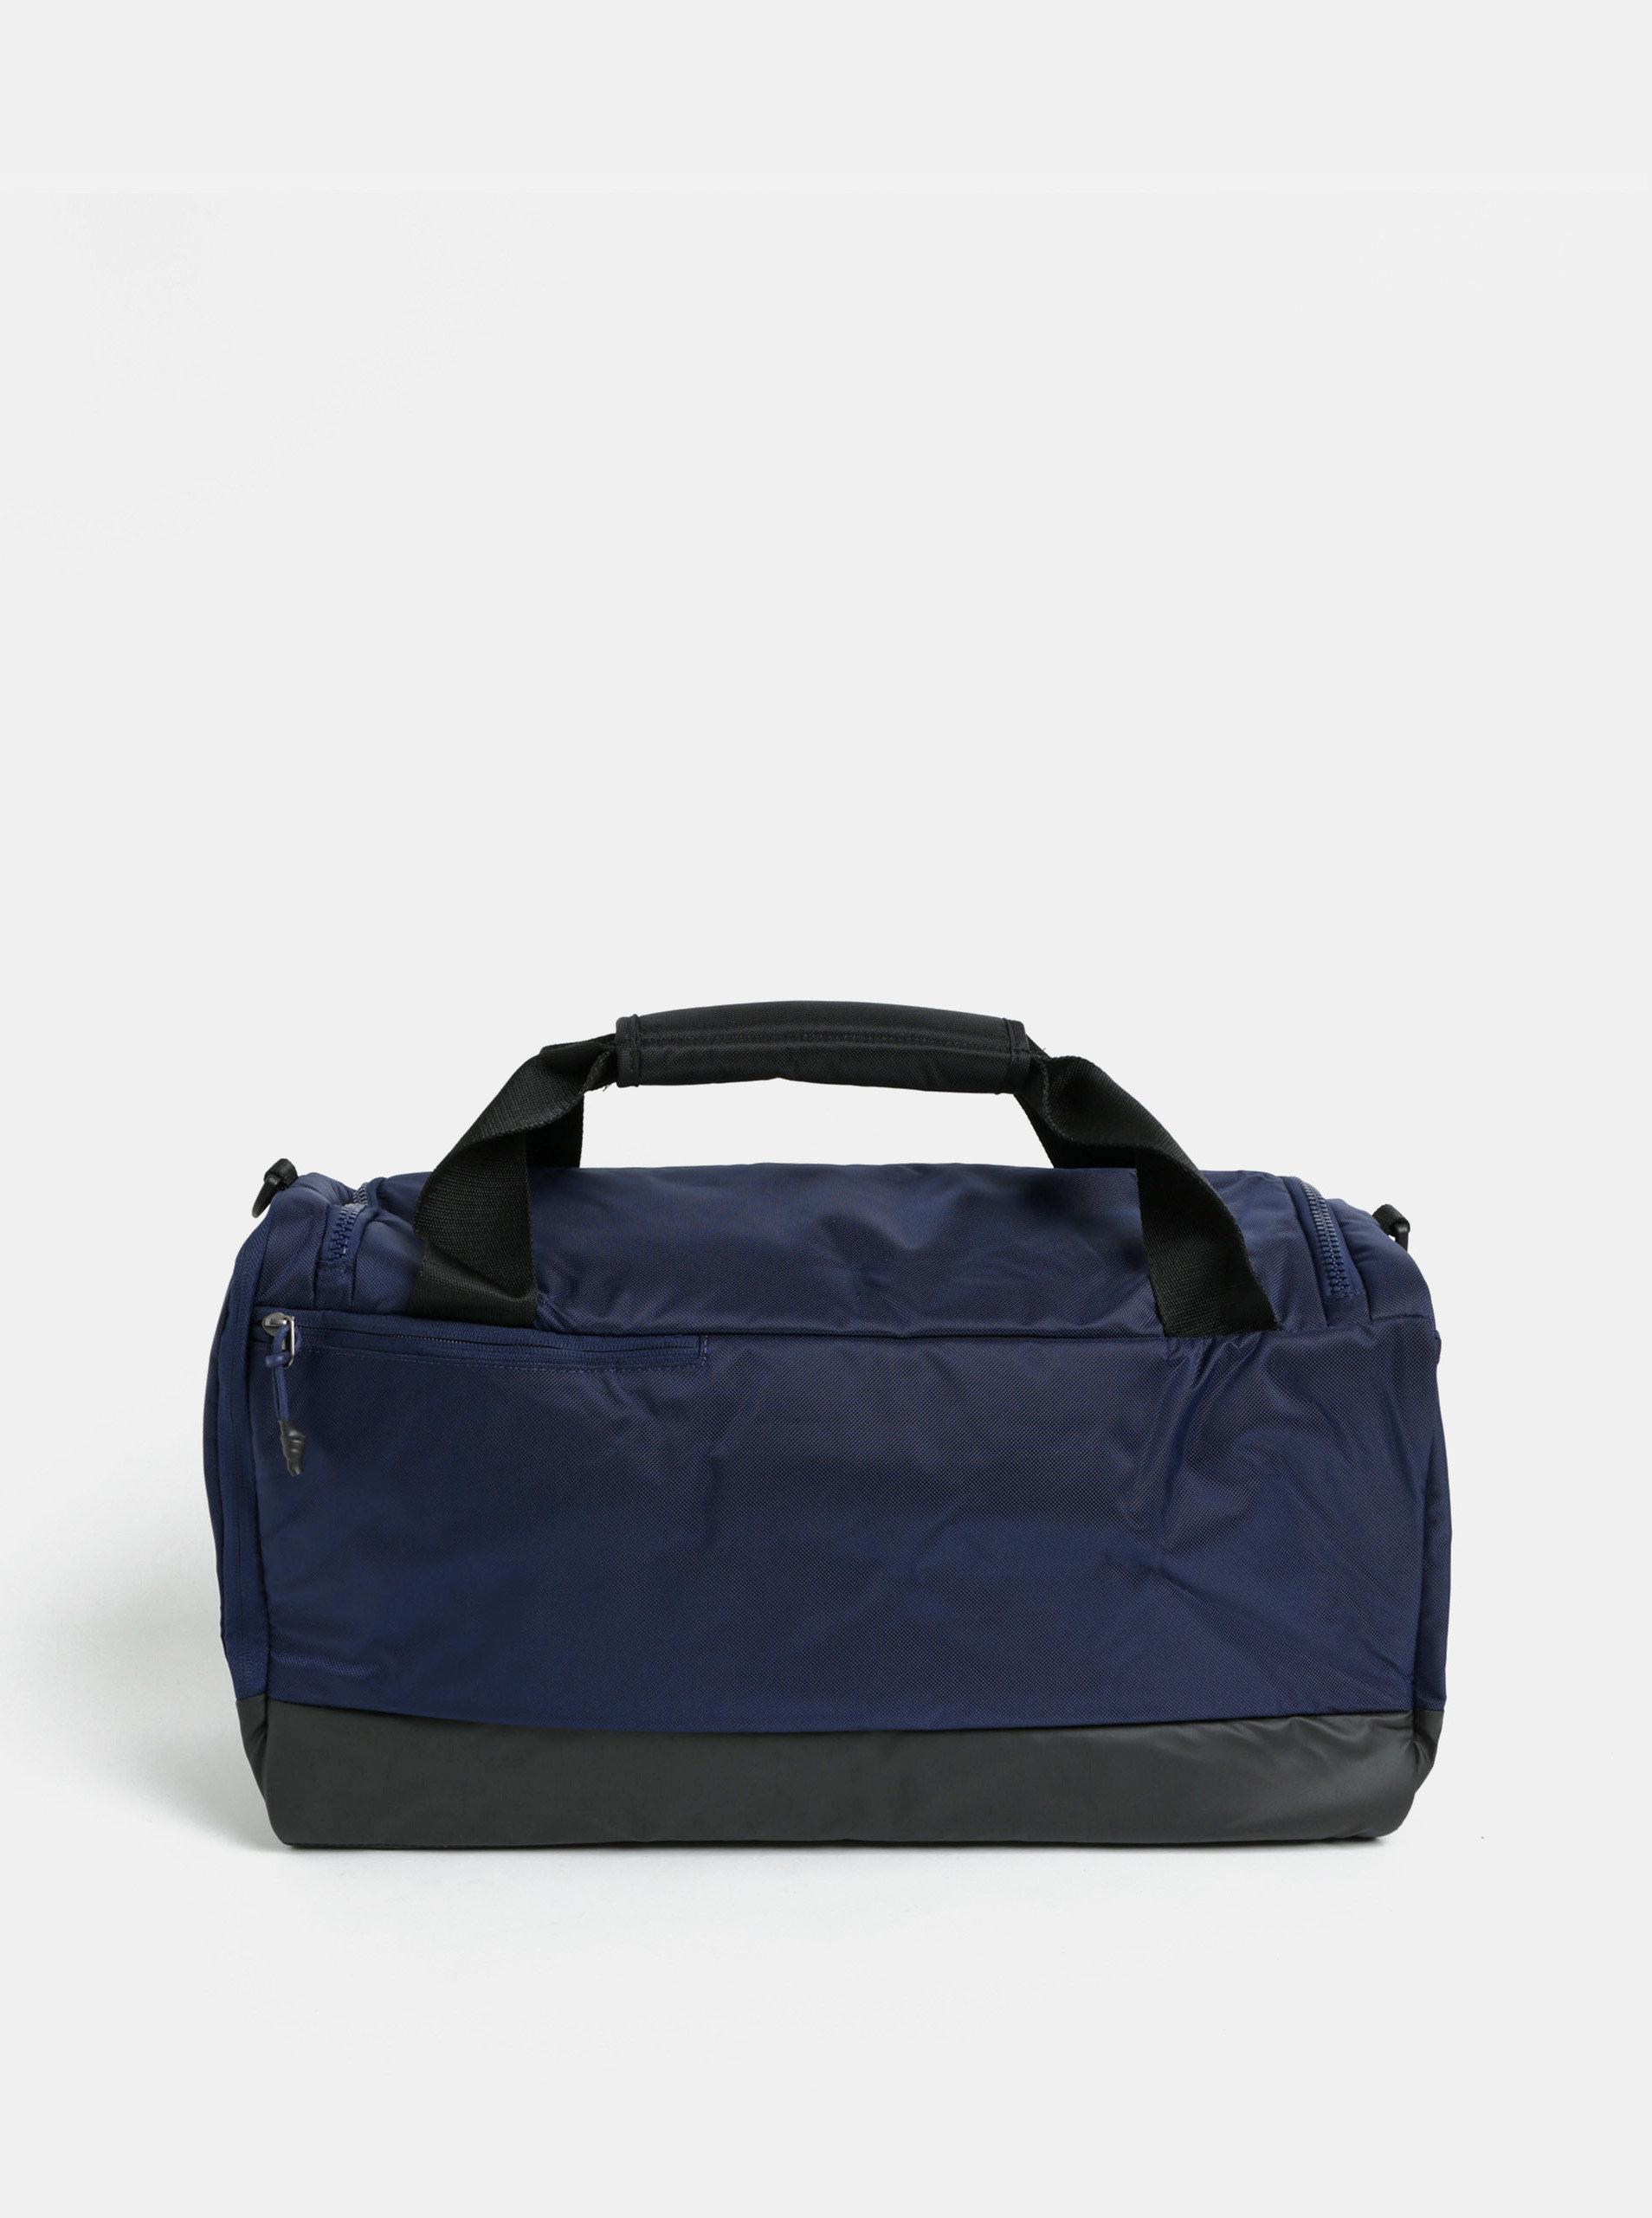 8d90988d8b2c5 Čierno-modrá športová taška Nike Midnight 37 l | ZOOT.sk